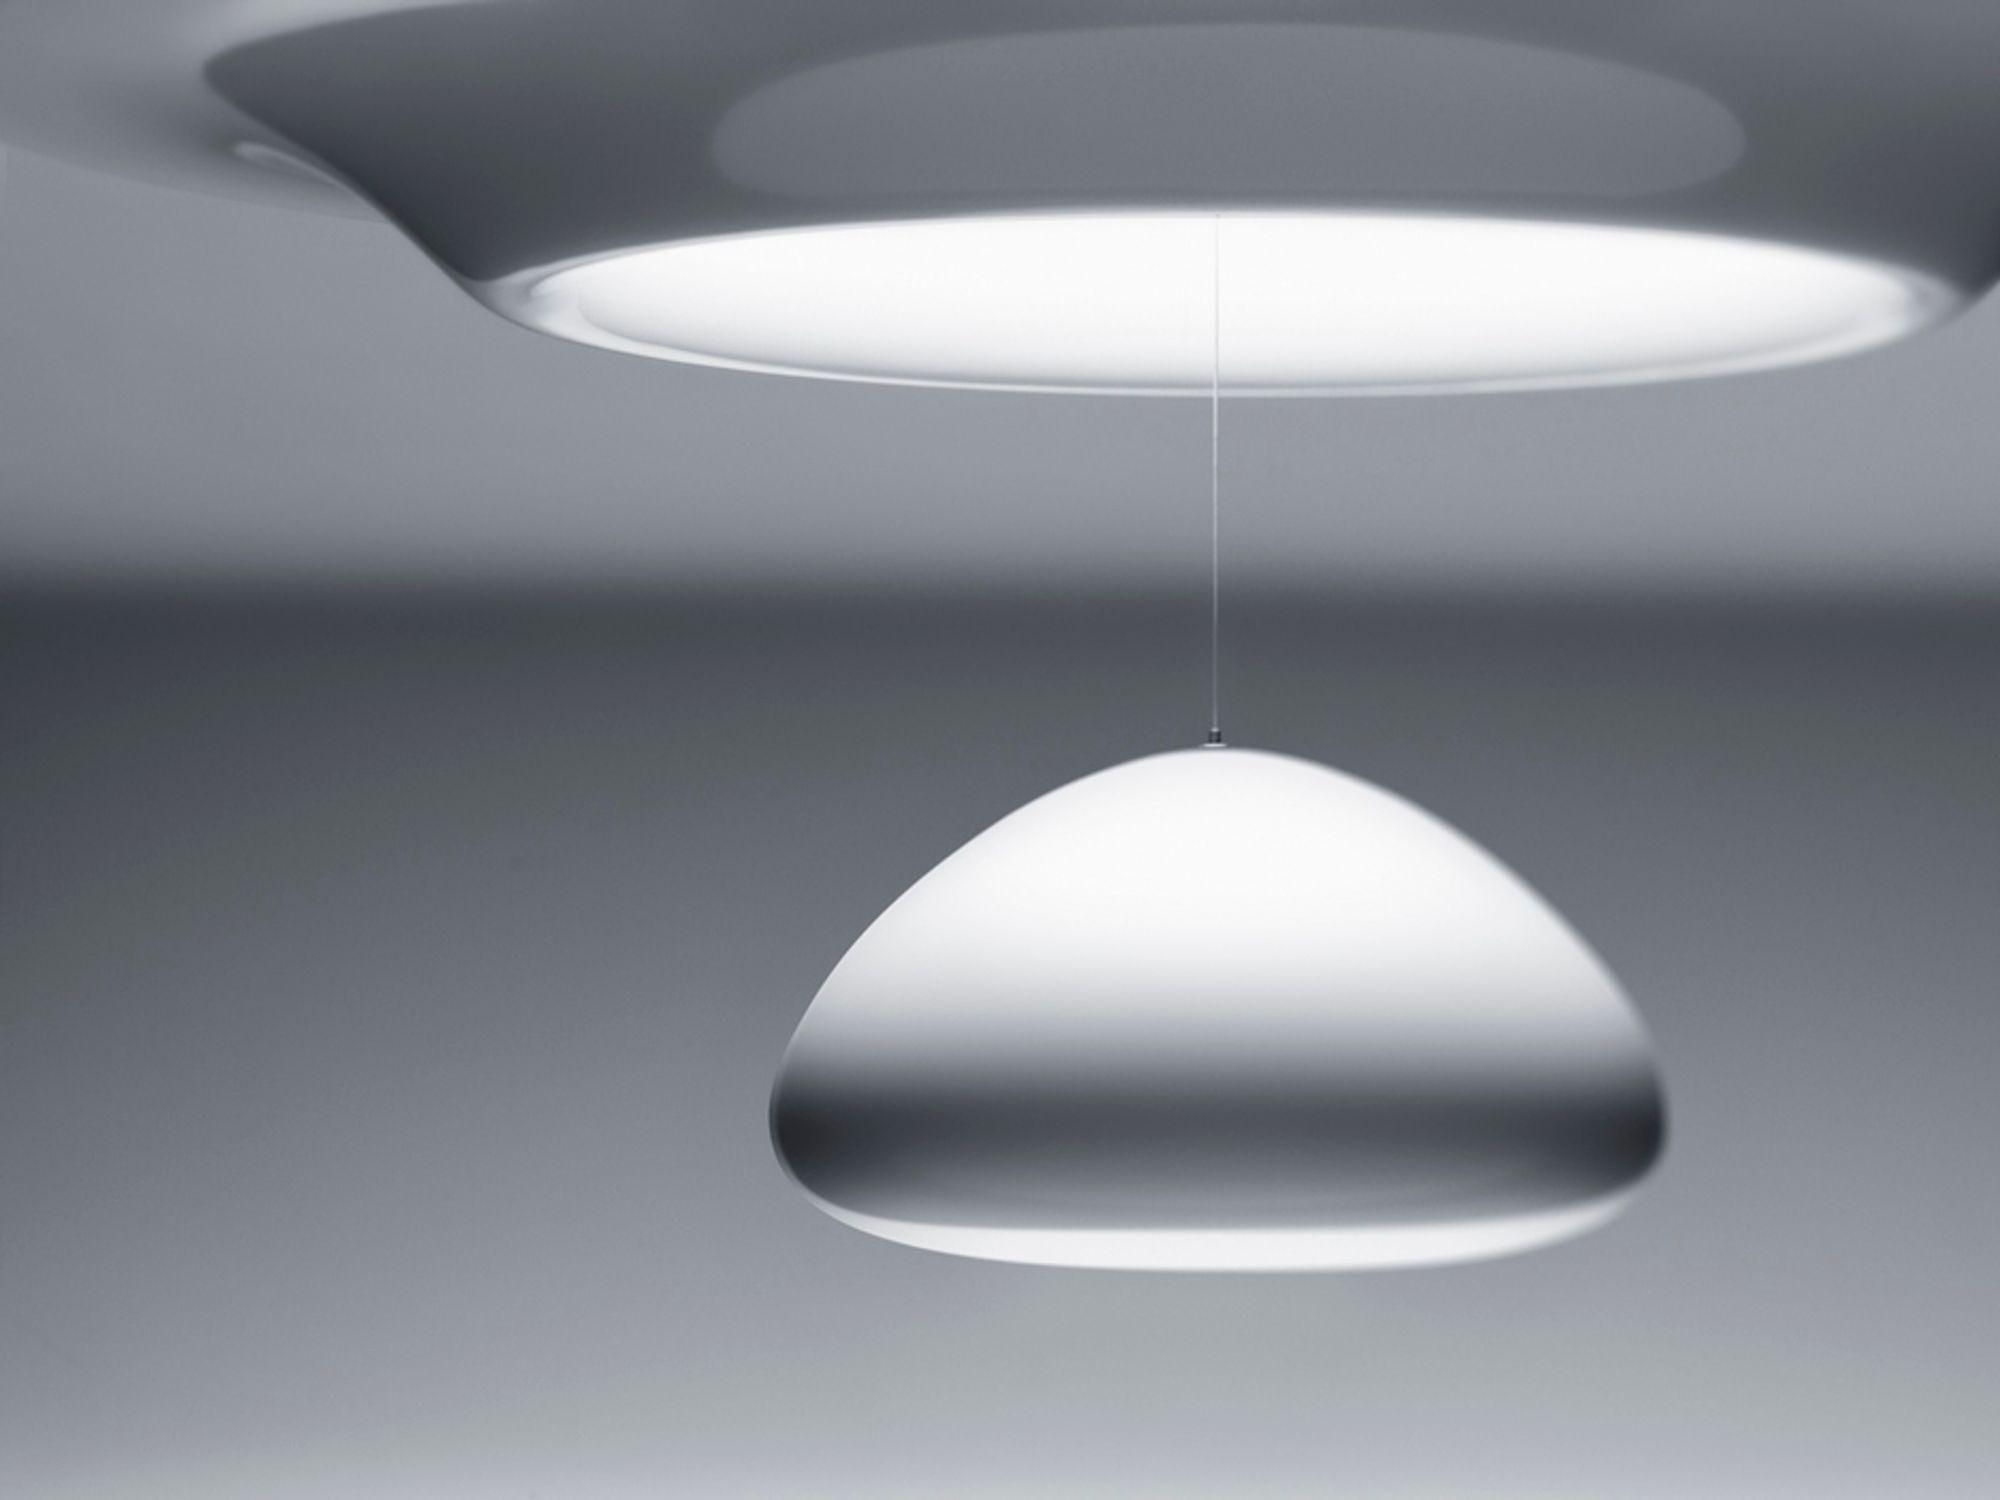 FIKK DESIGNPRIS: VELUX lystunnel har fått den danske designprisen 2010/2011 for beste produktdesign og industrielt design.